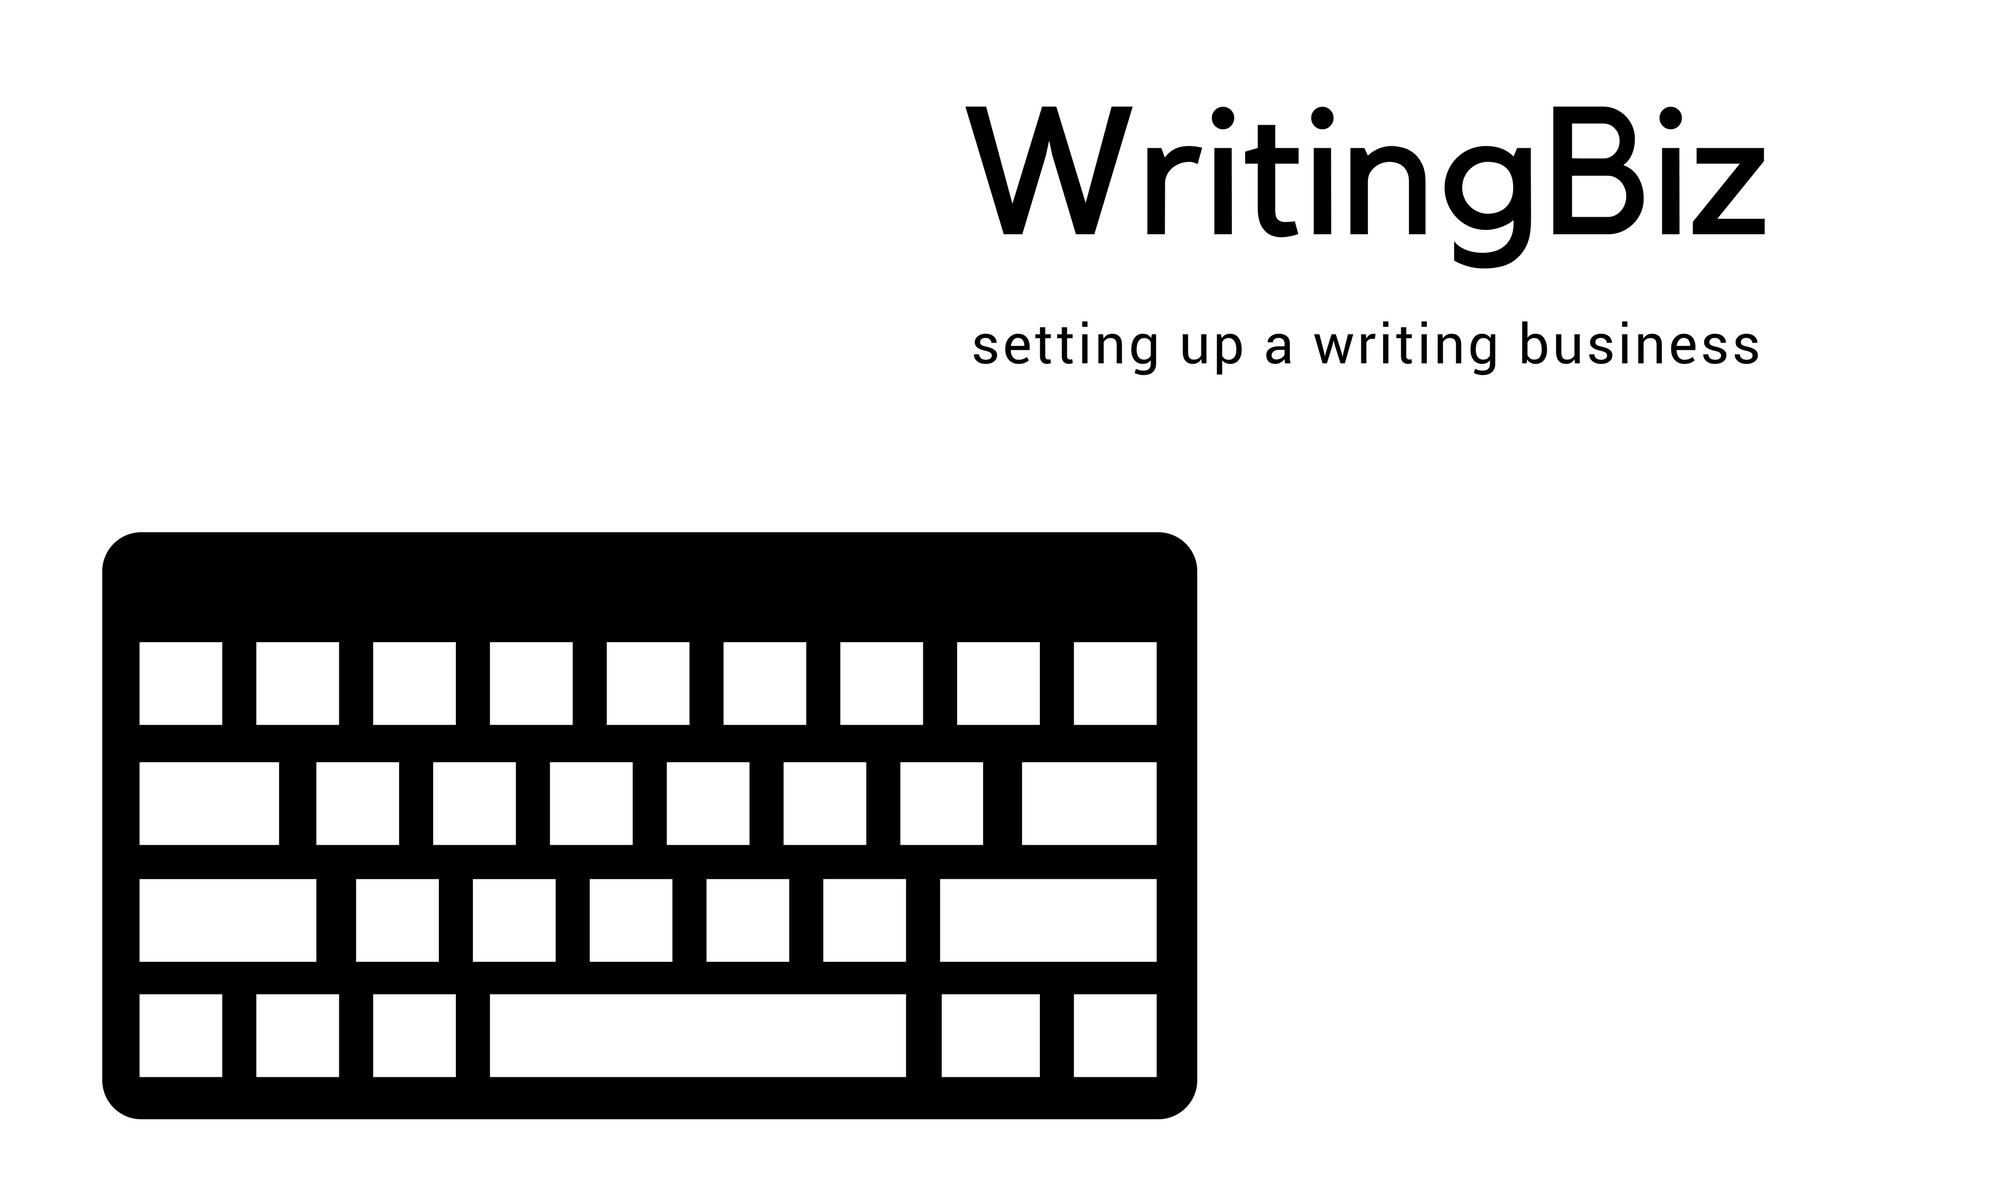 WritingBiz - Make money writing - setting up a writing business